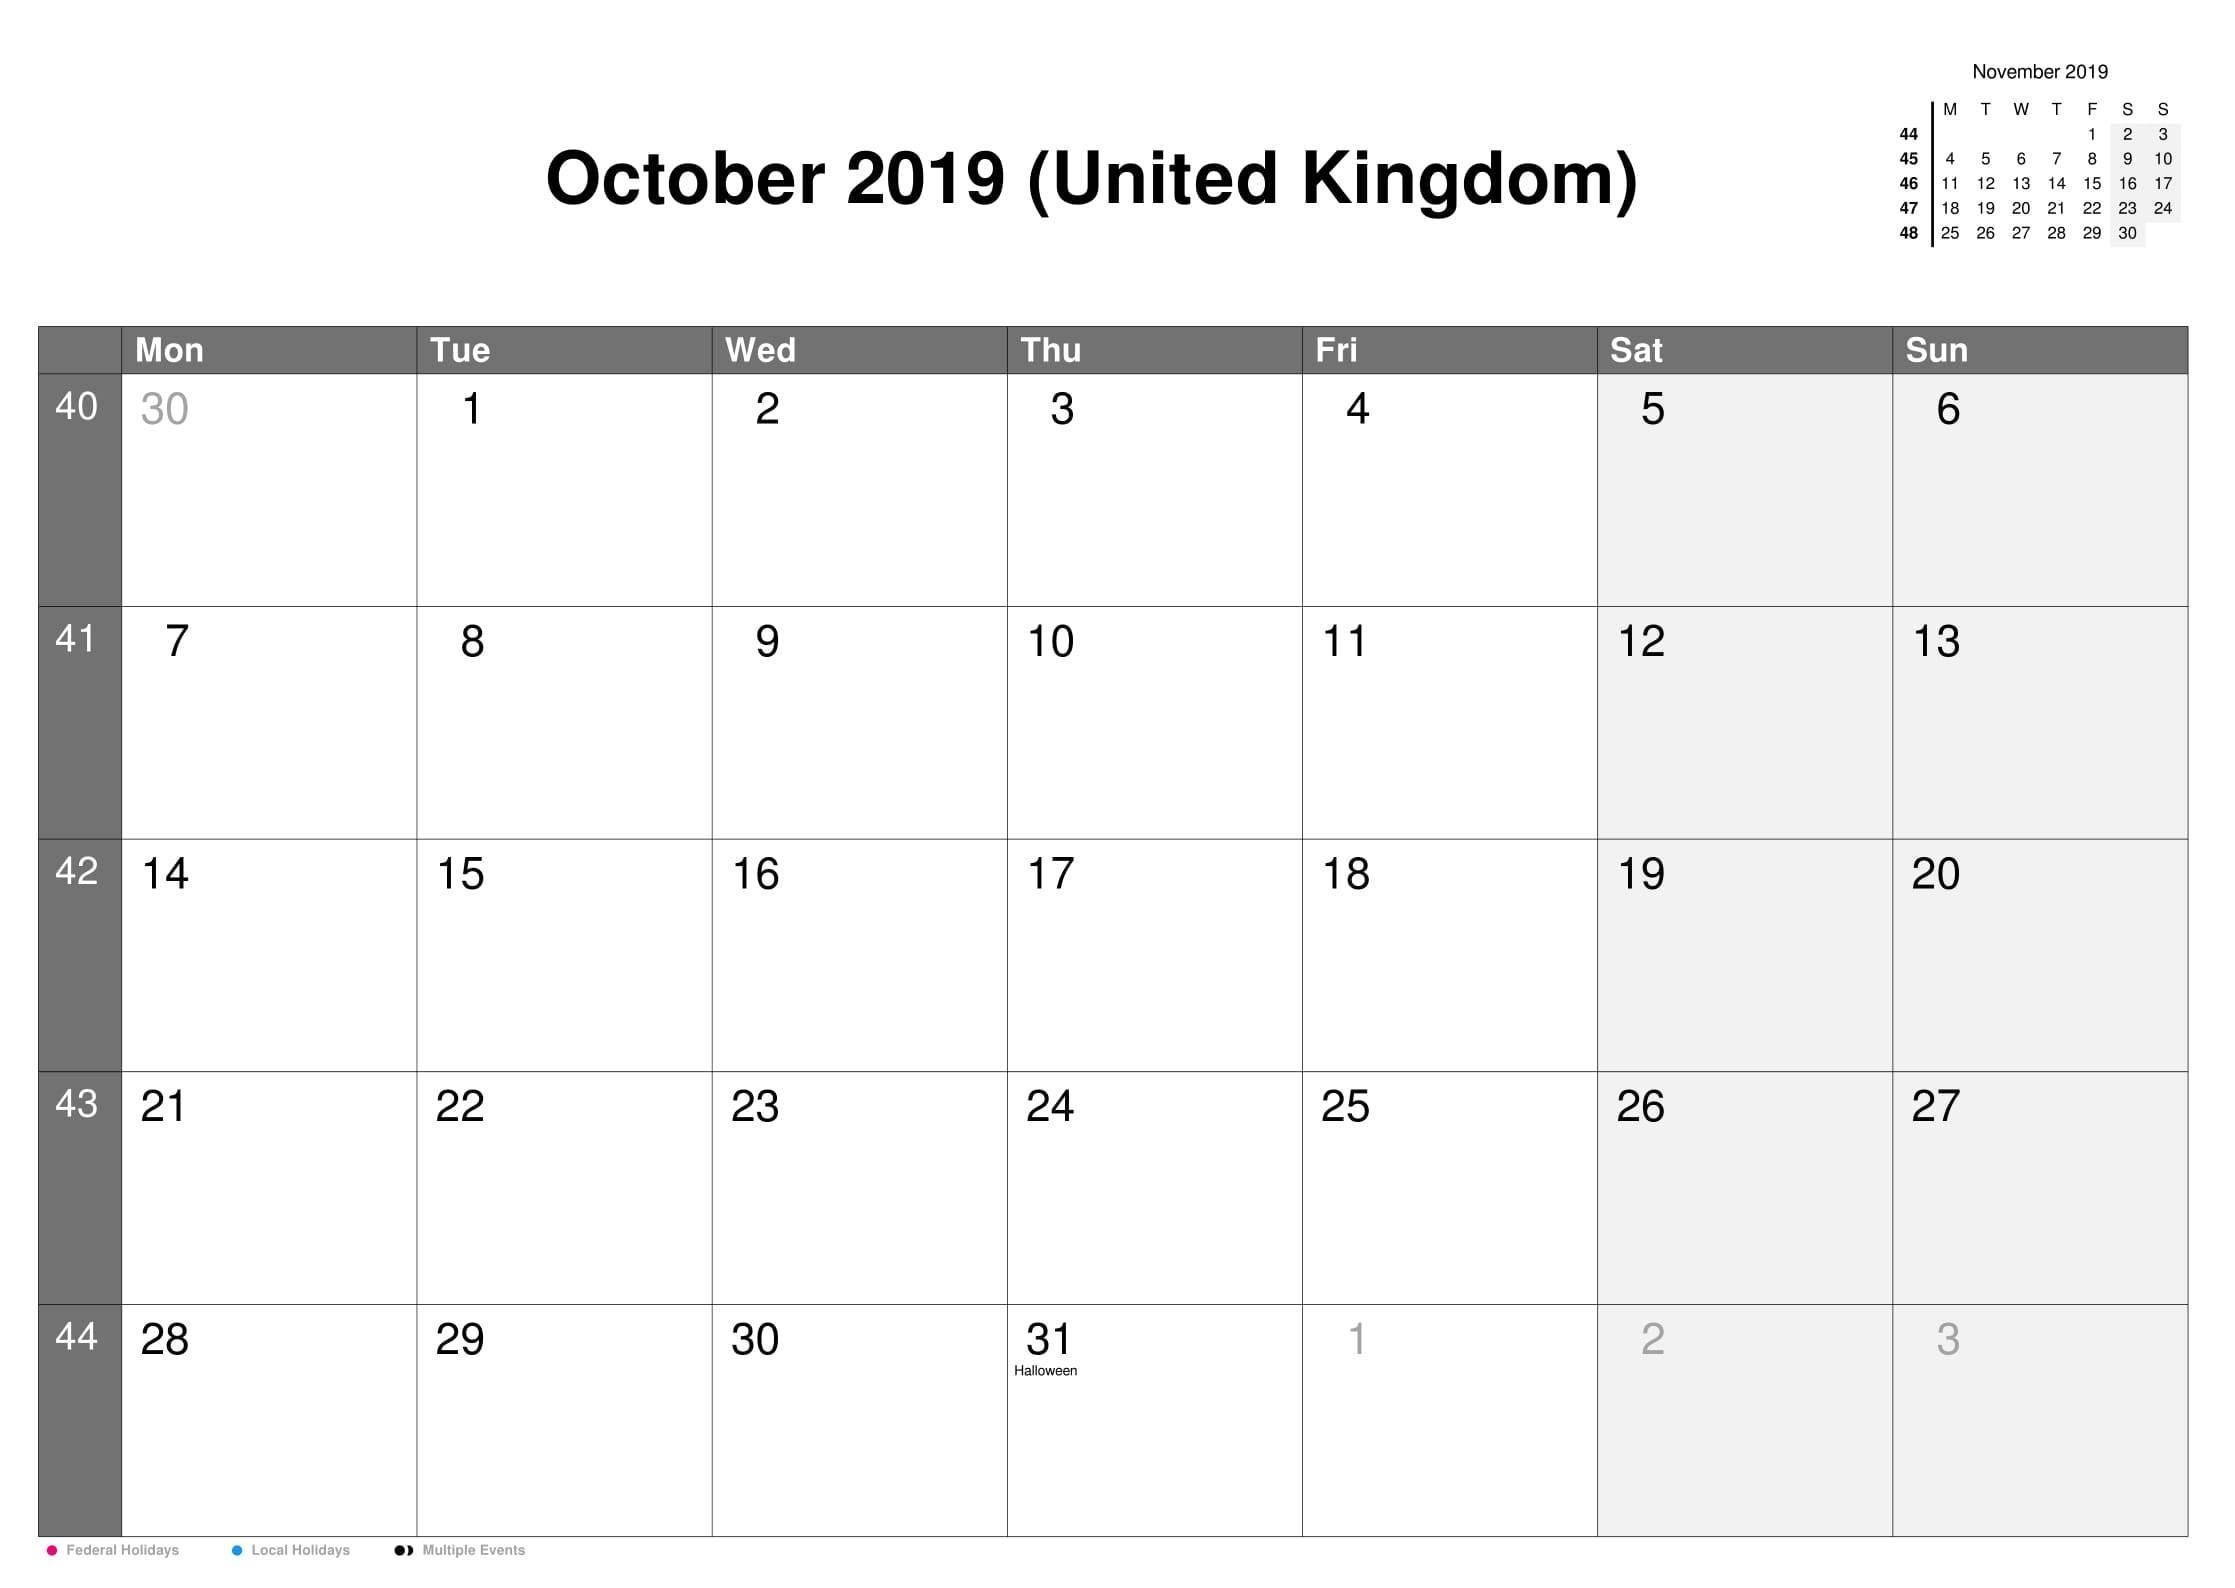 October 2019 Calendar With UK Holidays